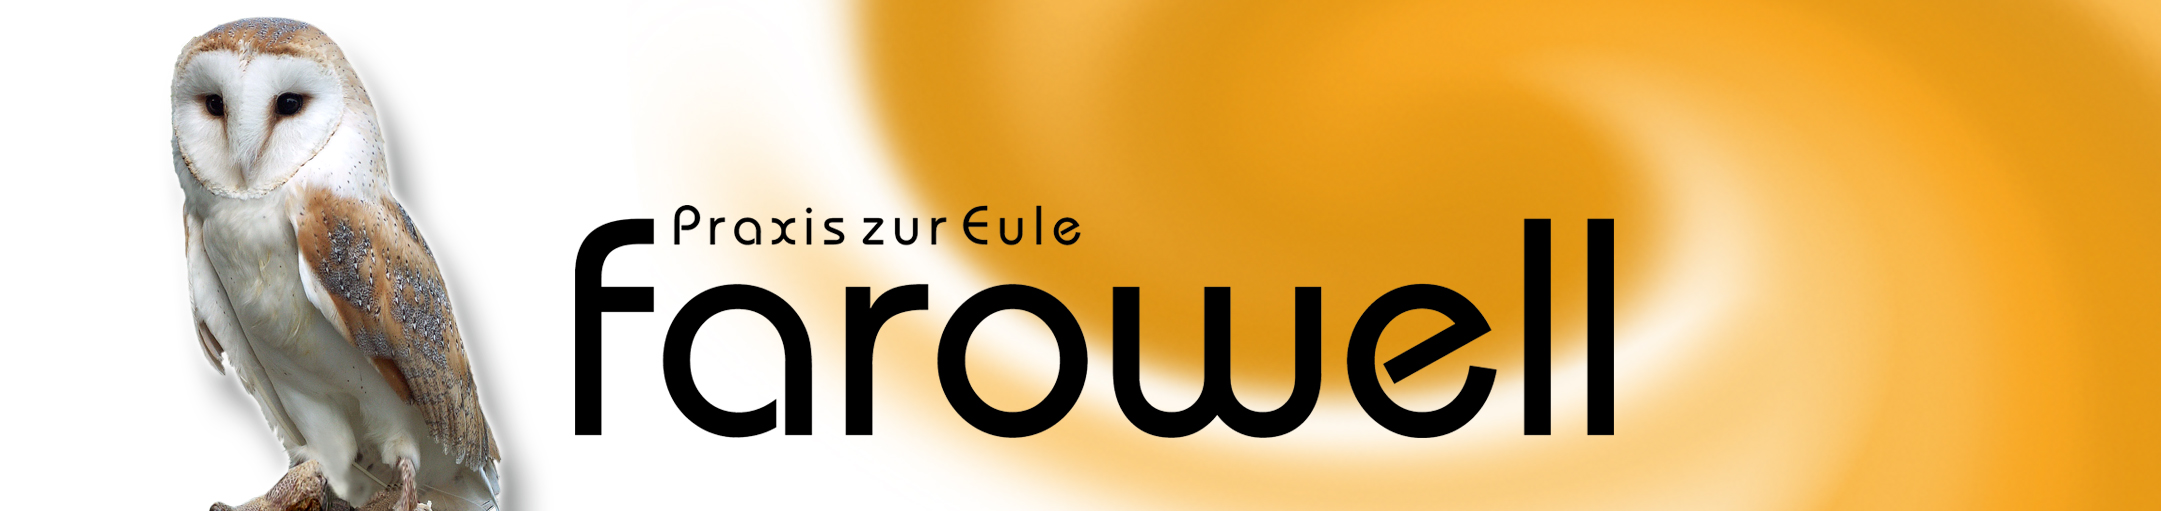 farowell – Praxis zur Eule